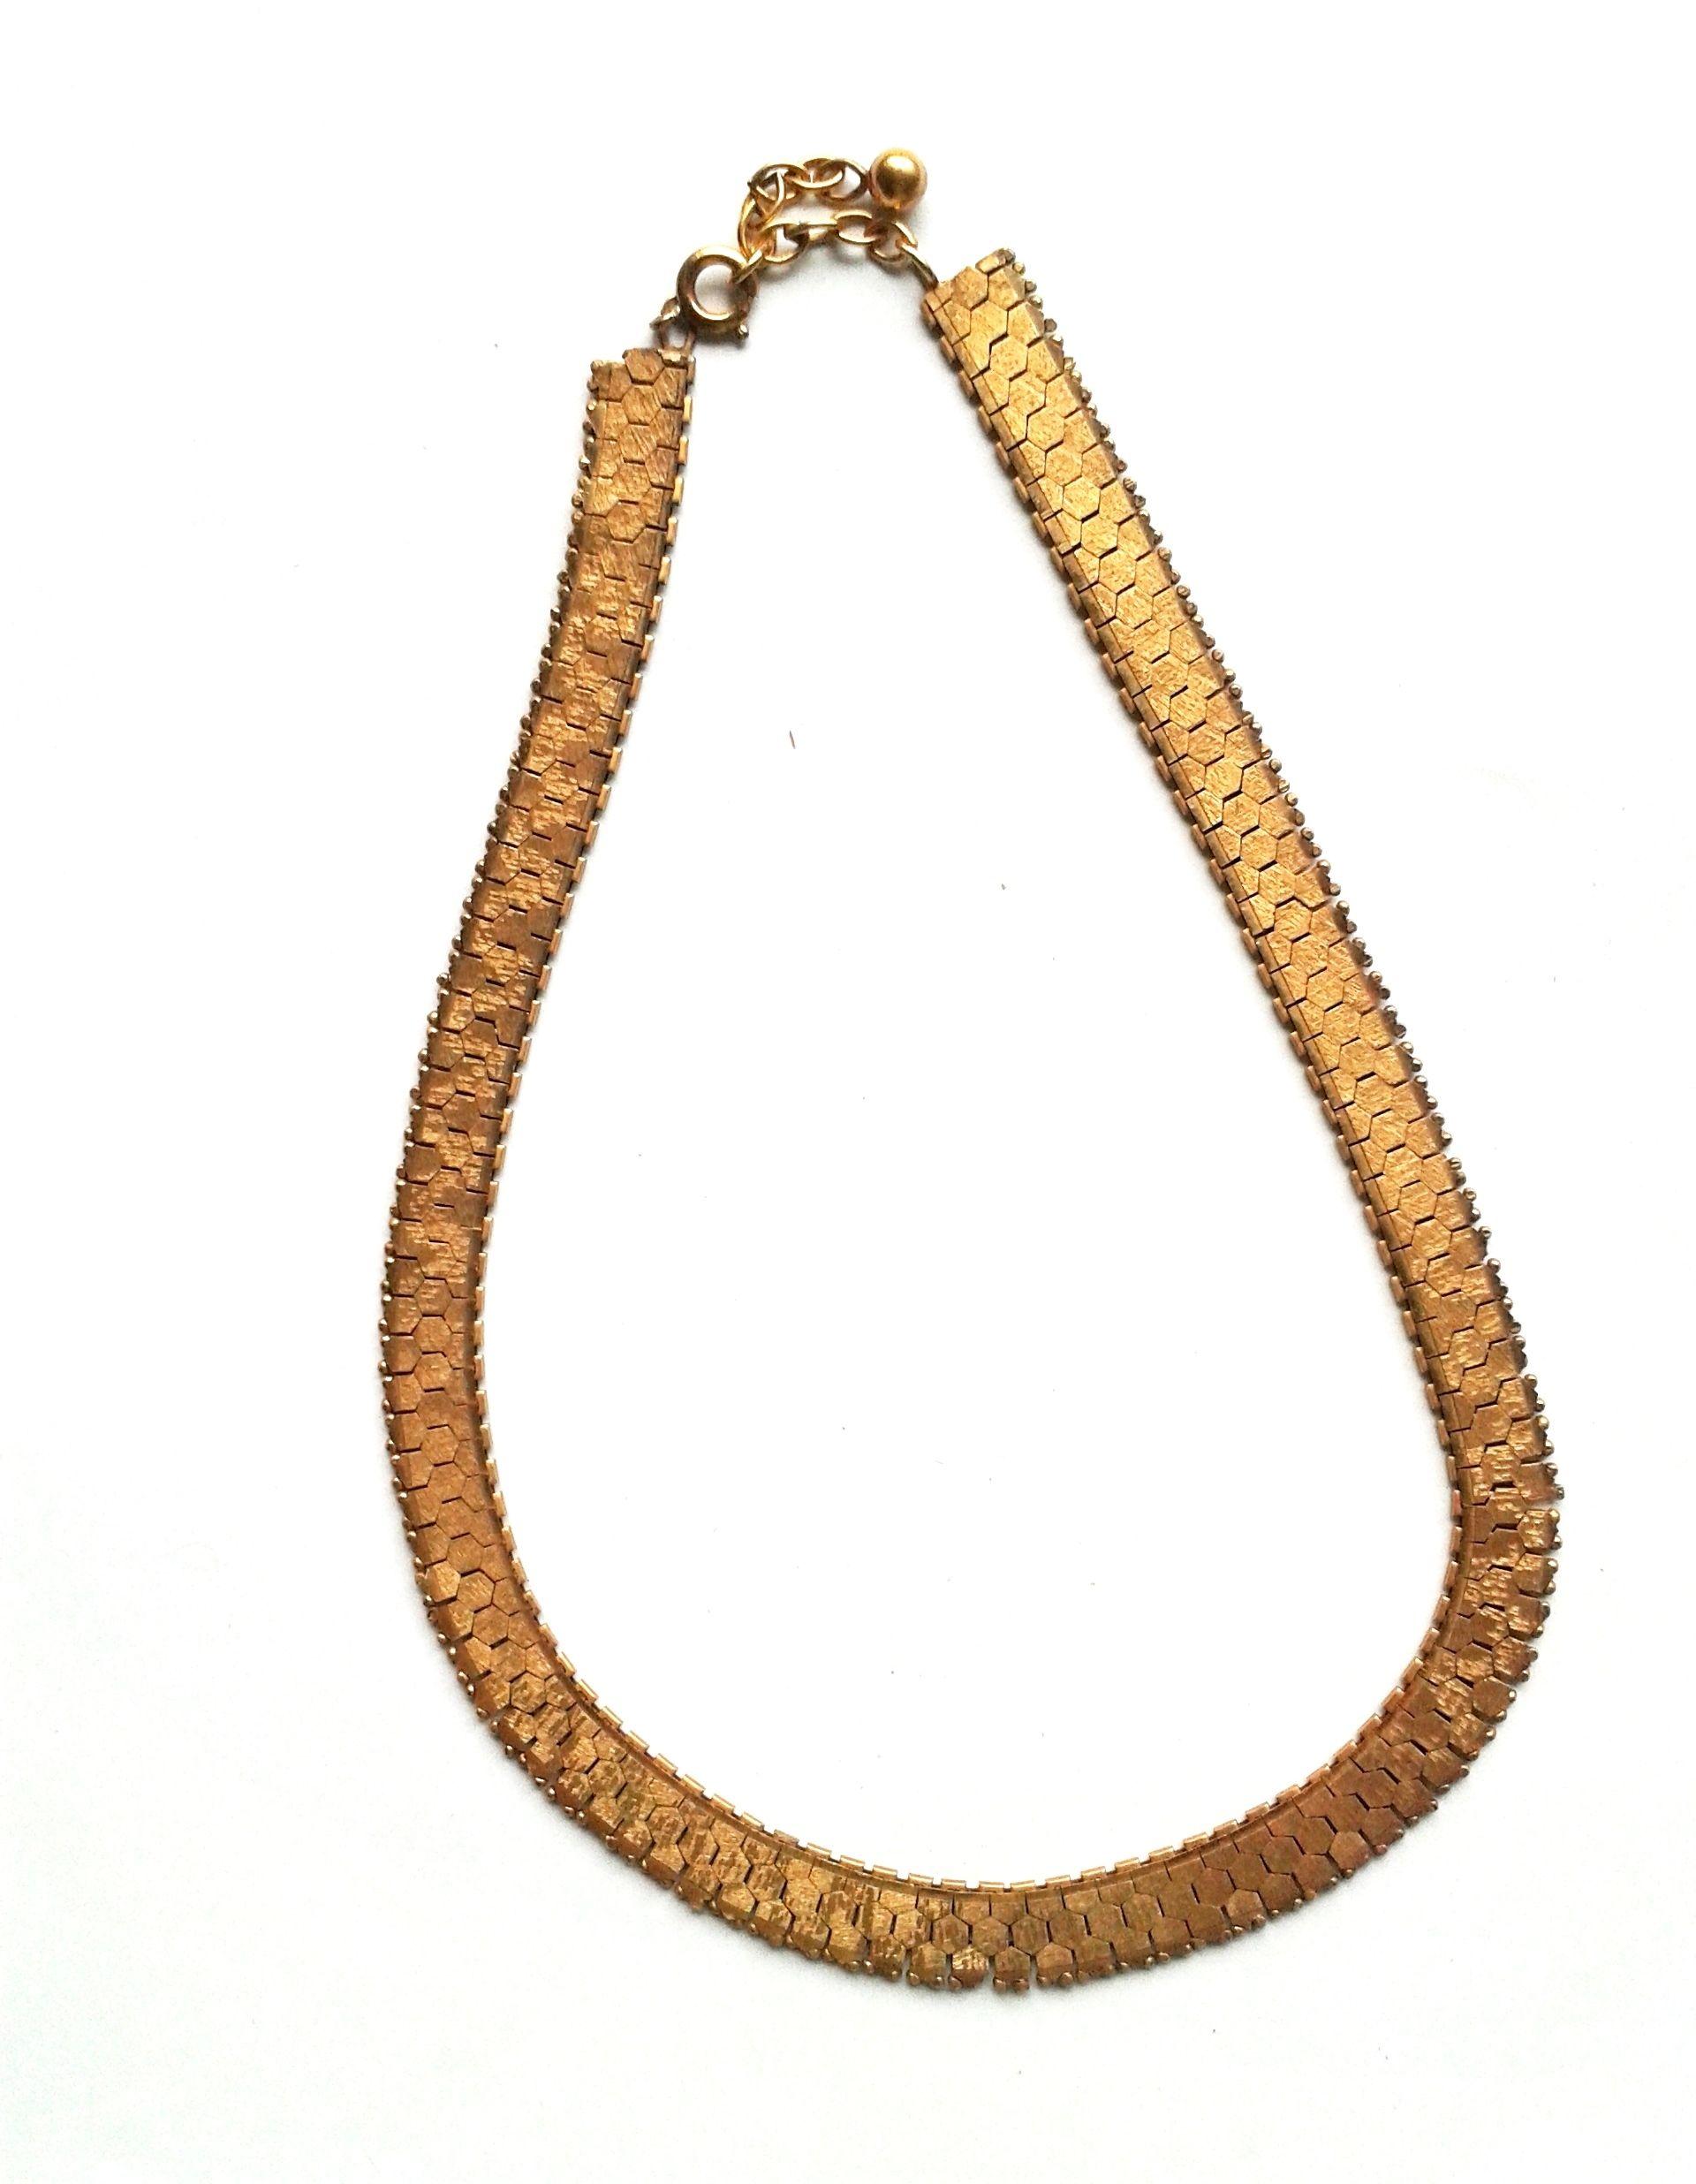 RHK1018 - Halskette Für Sie gefunden: Herrliches Collier - Original Modeschmuck der 70ziger Jahre,  Wabenmuster  gold farben